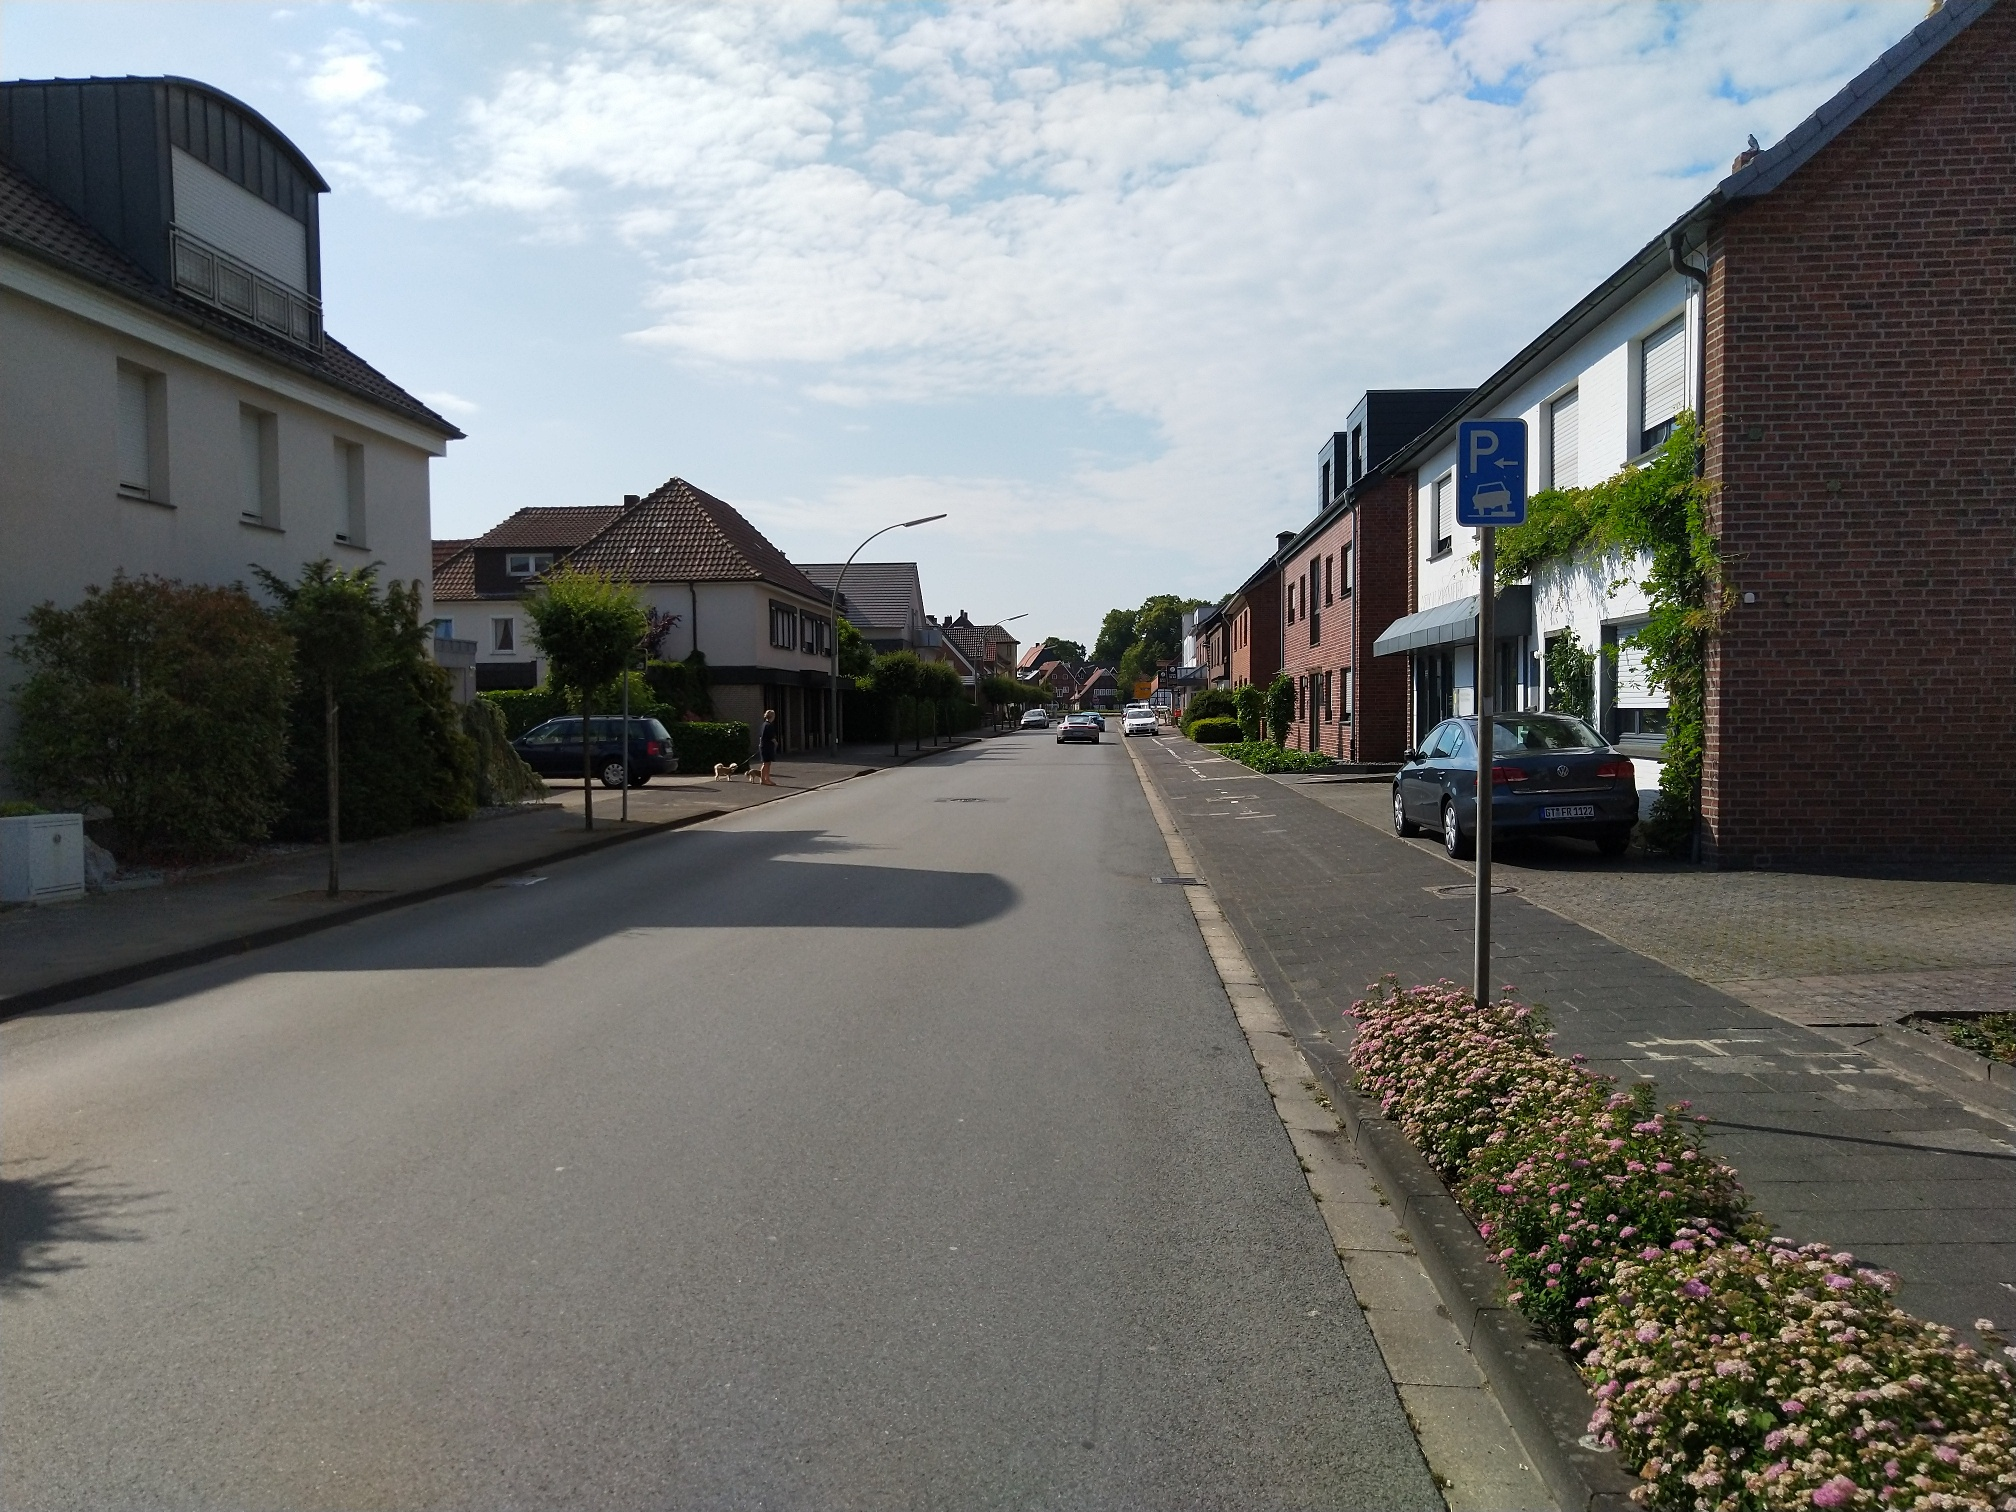 Radrundweg R 18 Herzebrock-Clarholz